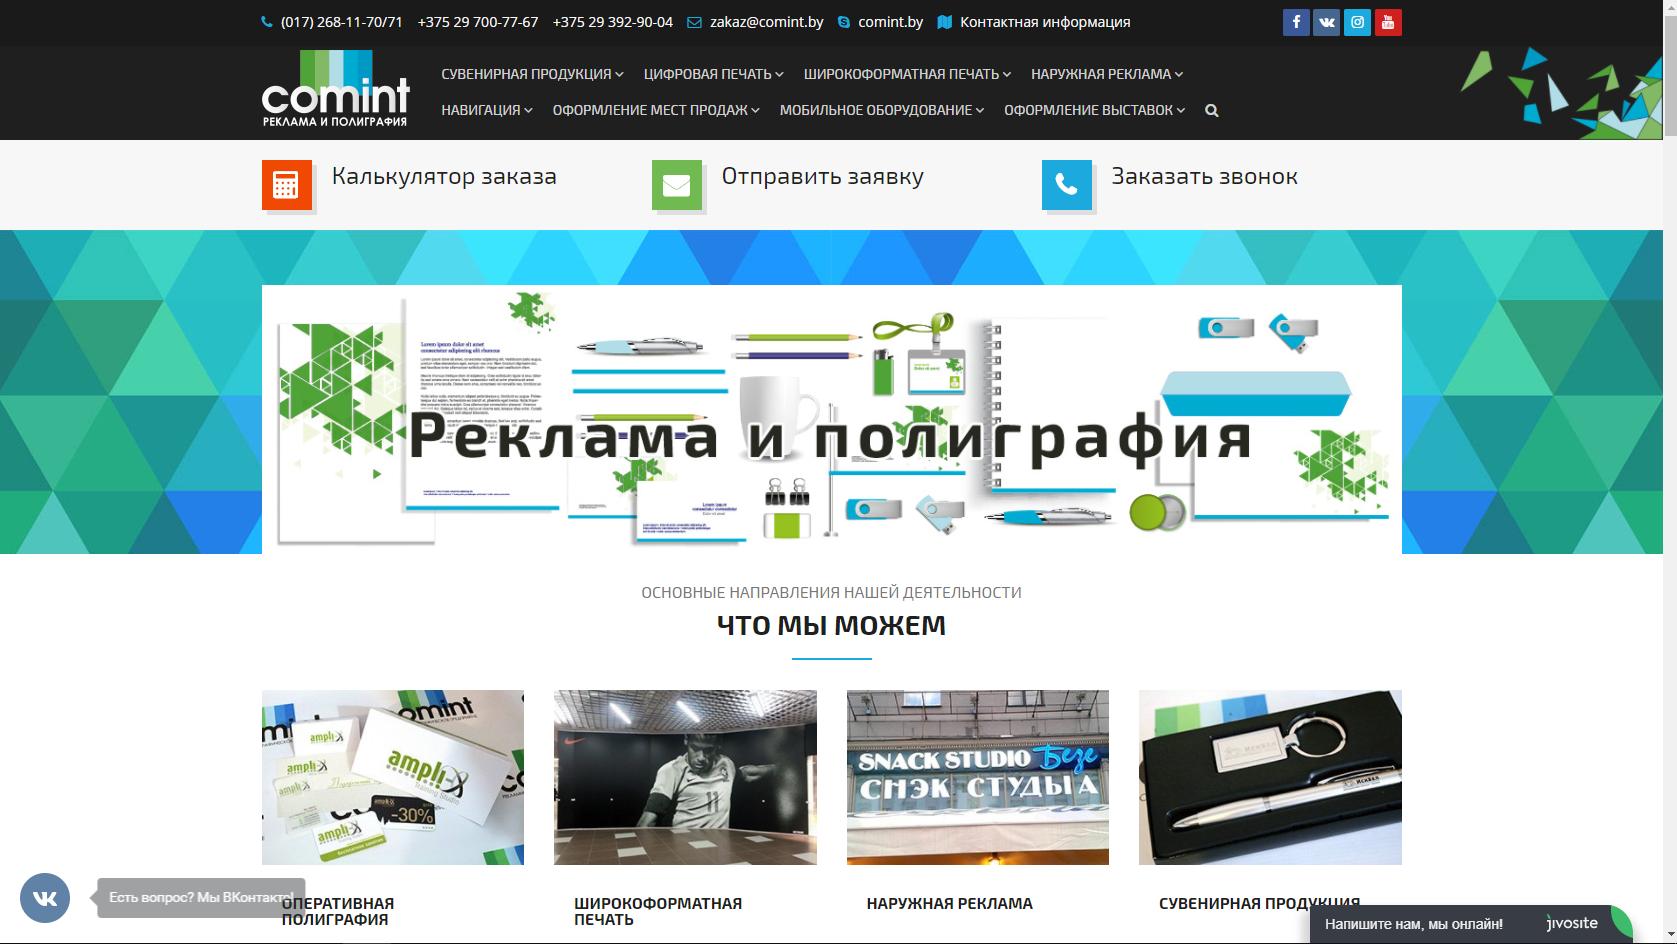 Сайт компании comint.by